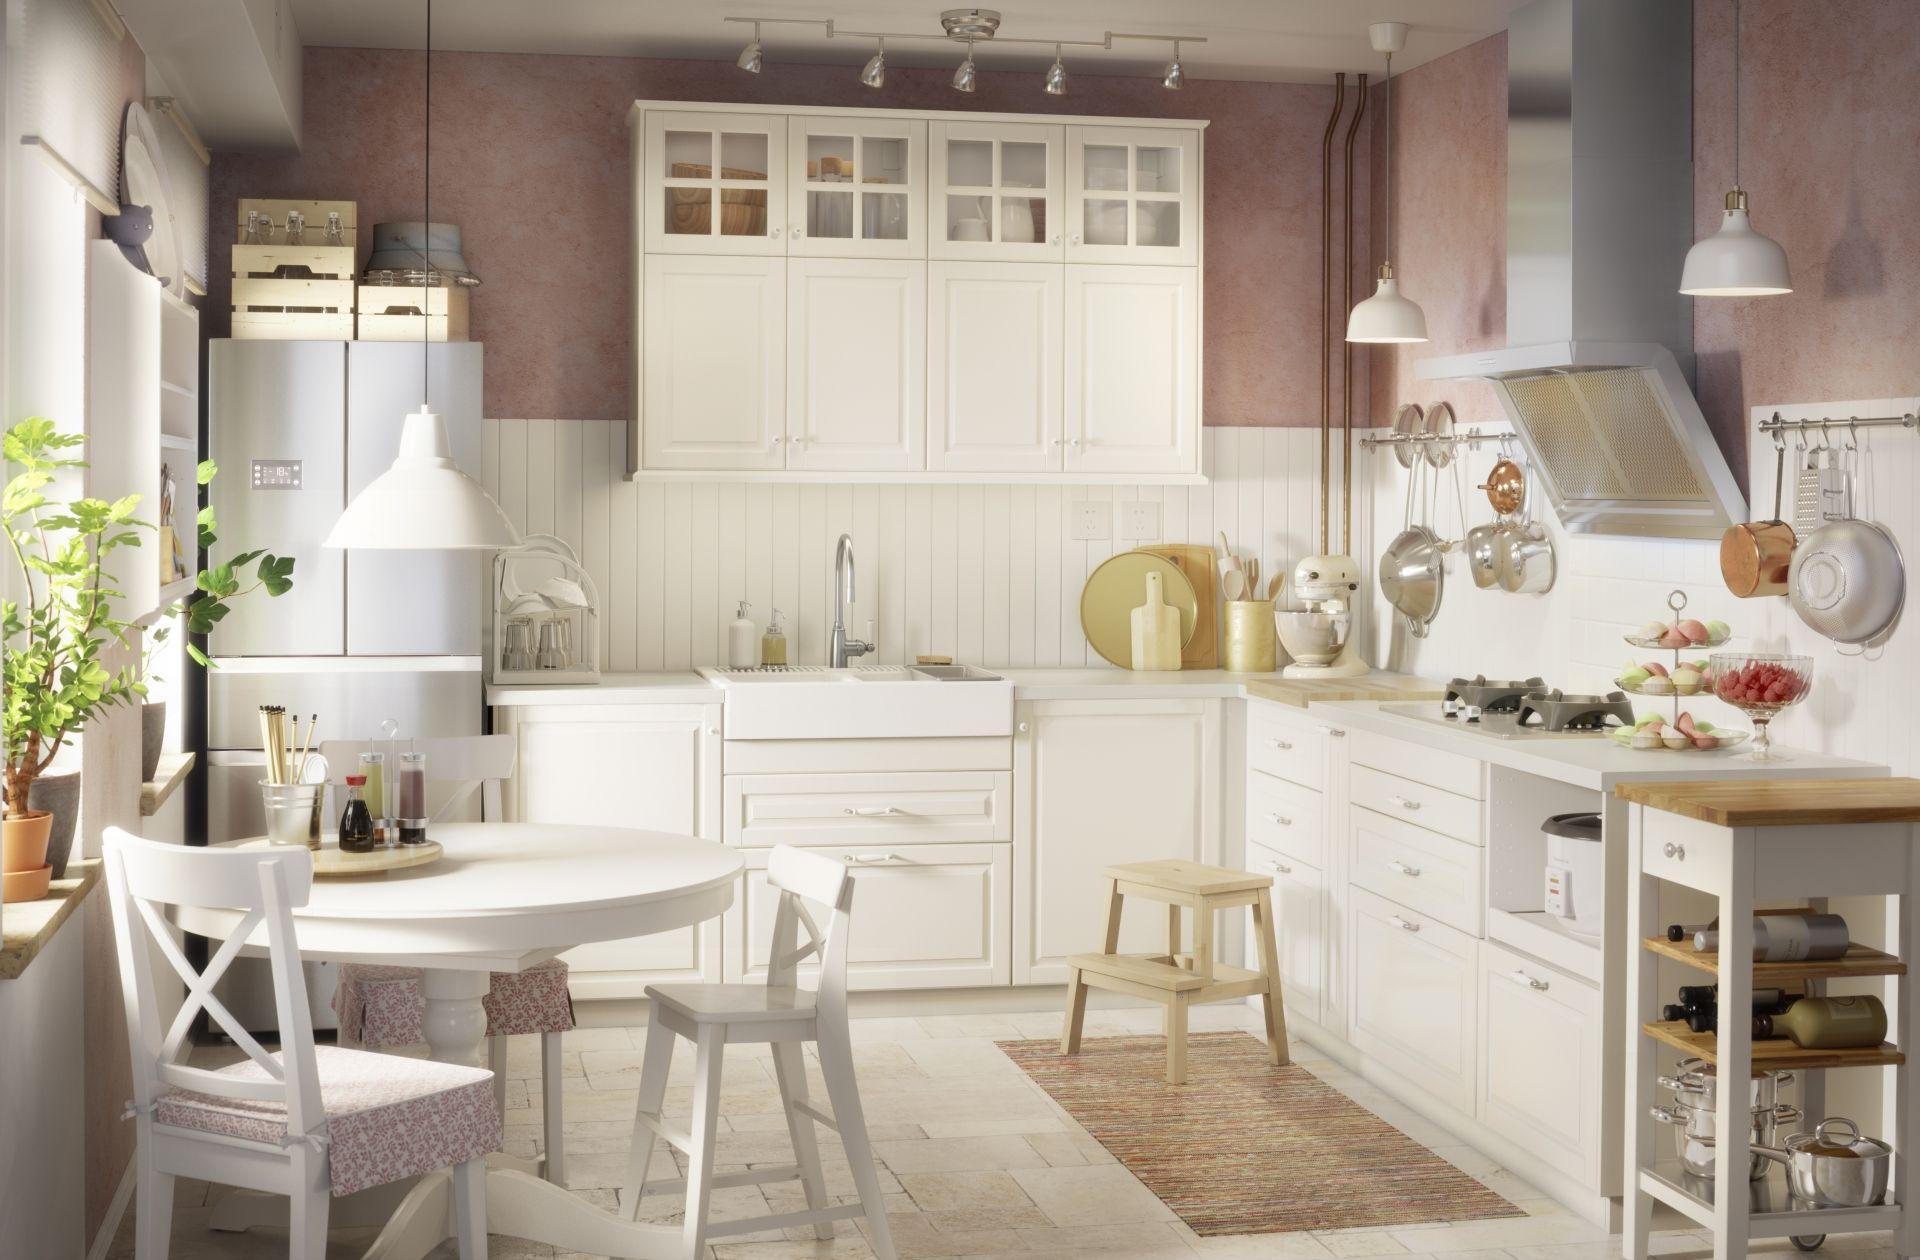 Keuken Tafel Ikea : Ingatorp uitschuifbare tafel wit in ikea designs